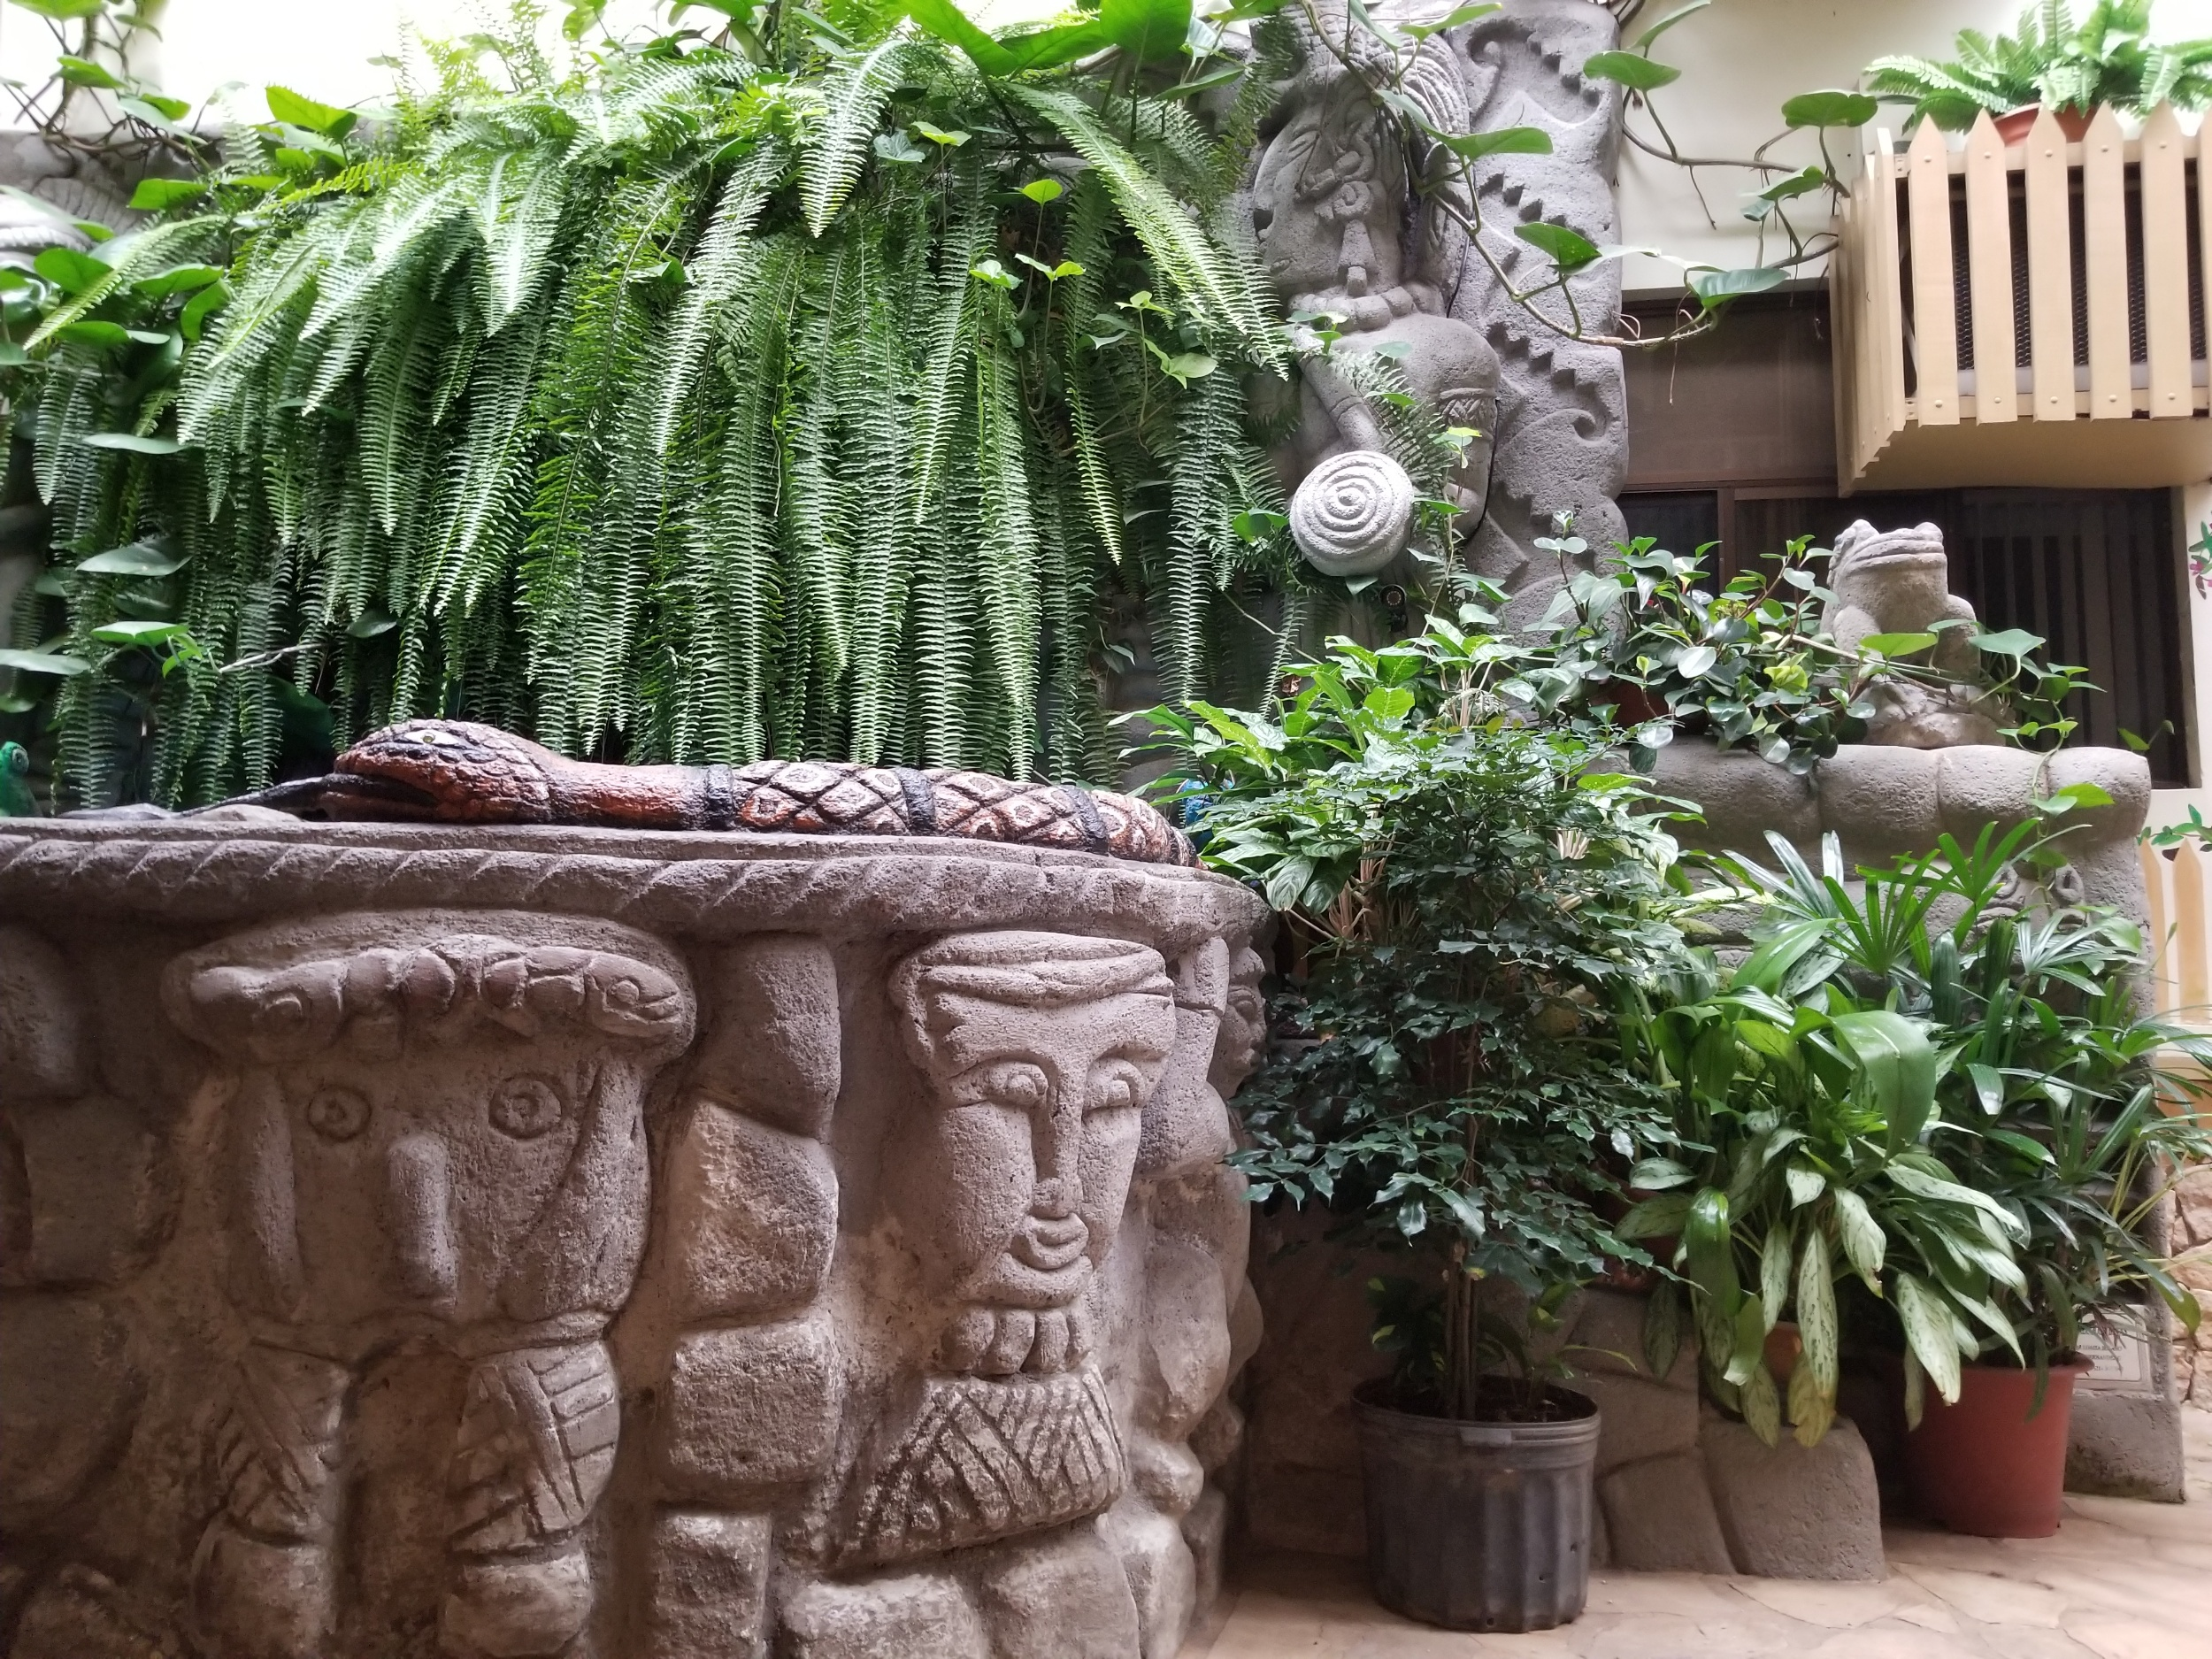 A little of the indoor garden